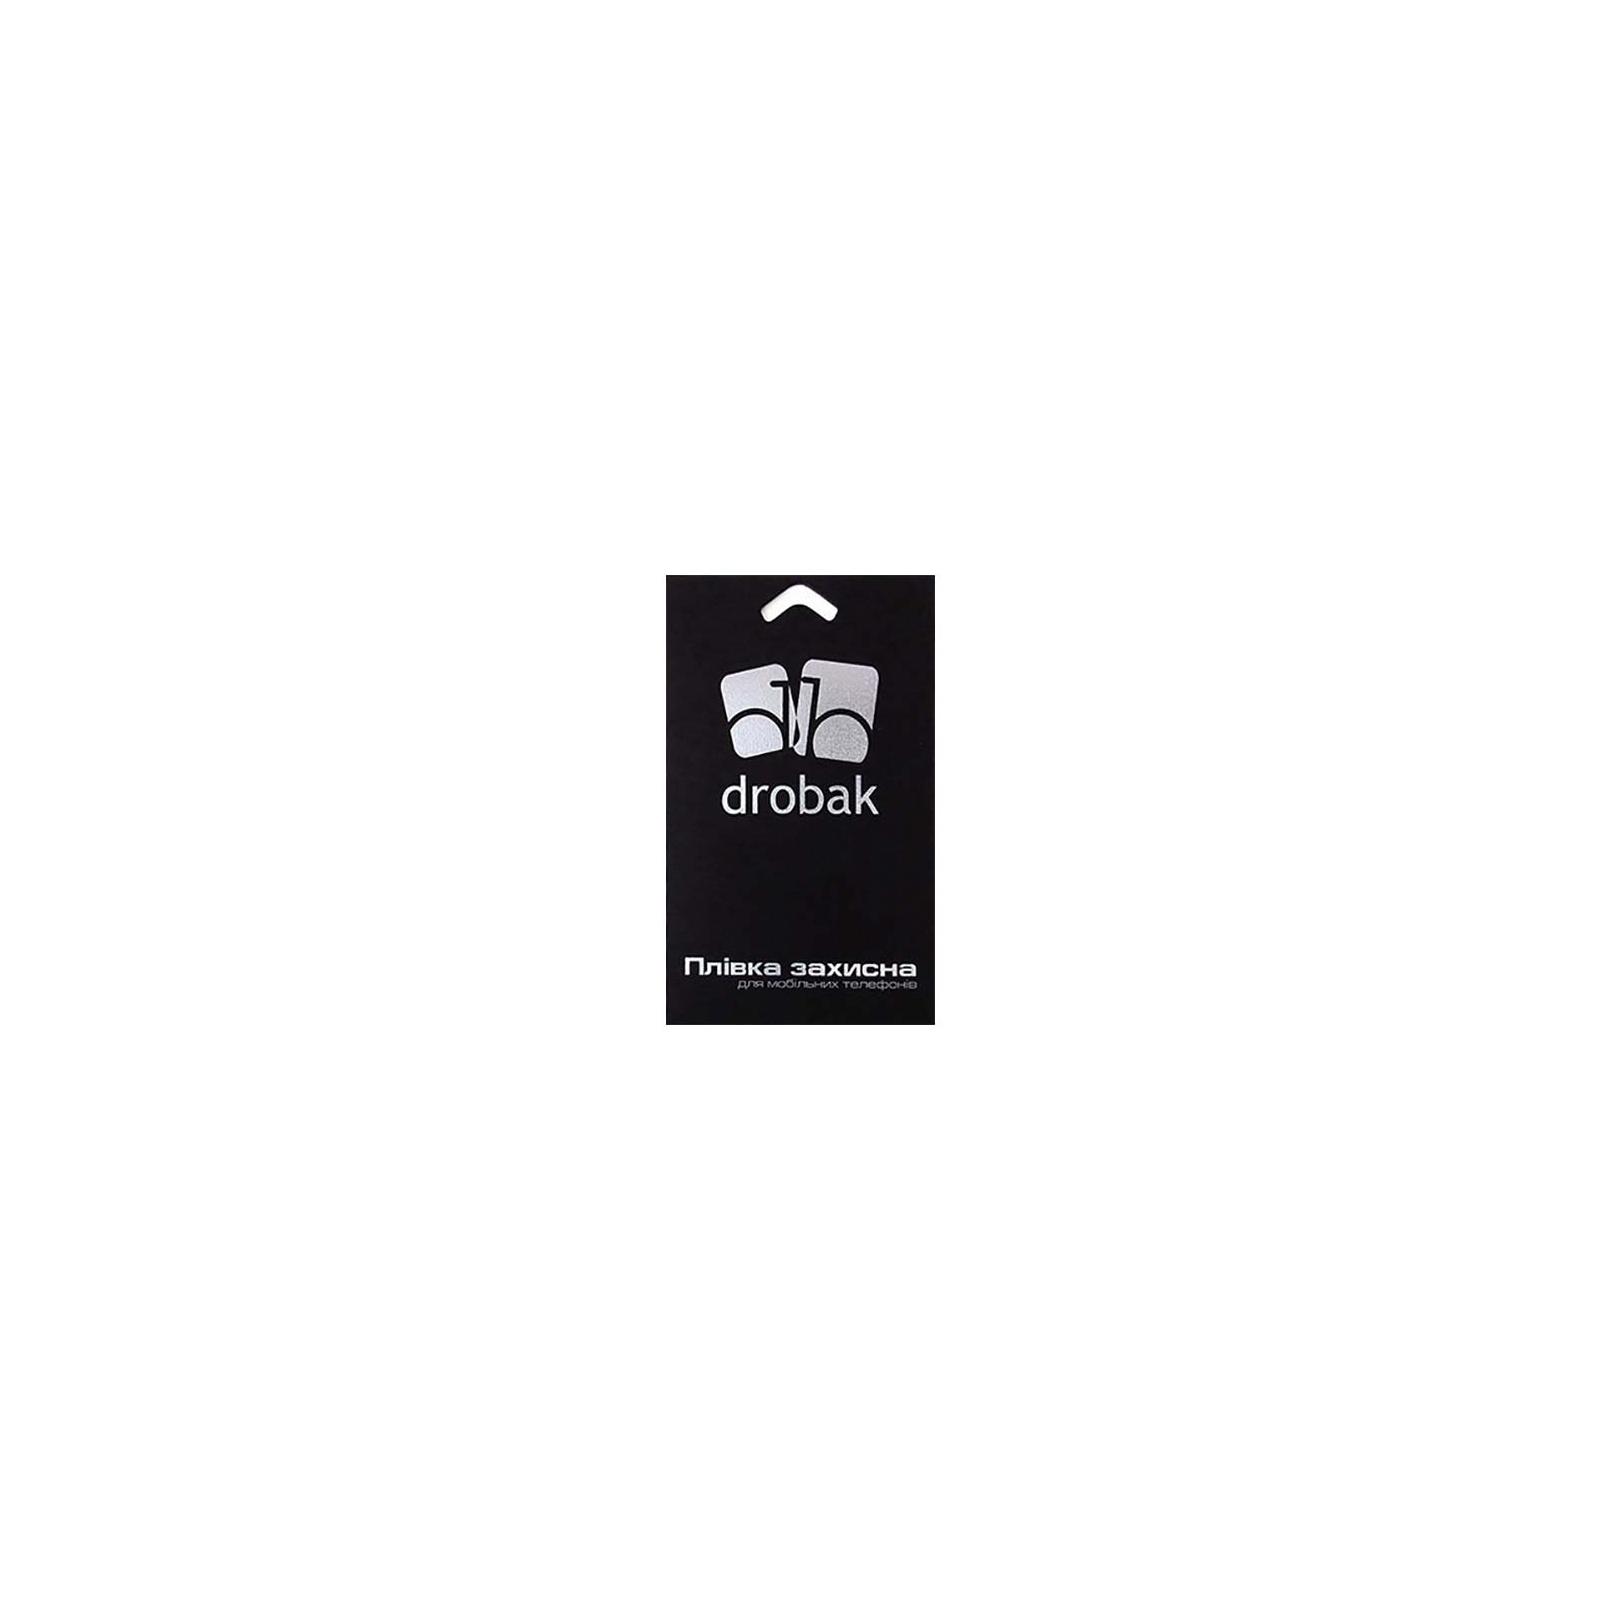 Пленка защитная Drobak для FLY IQ444 Diamond 2 (504702)